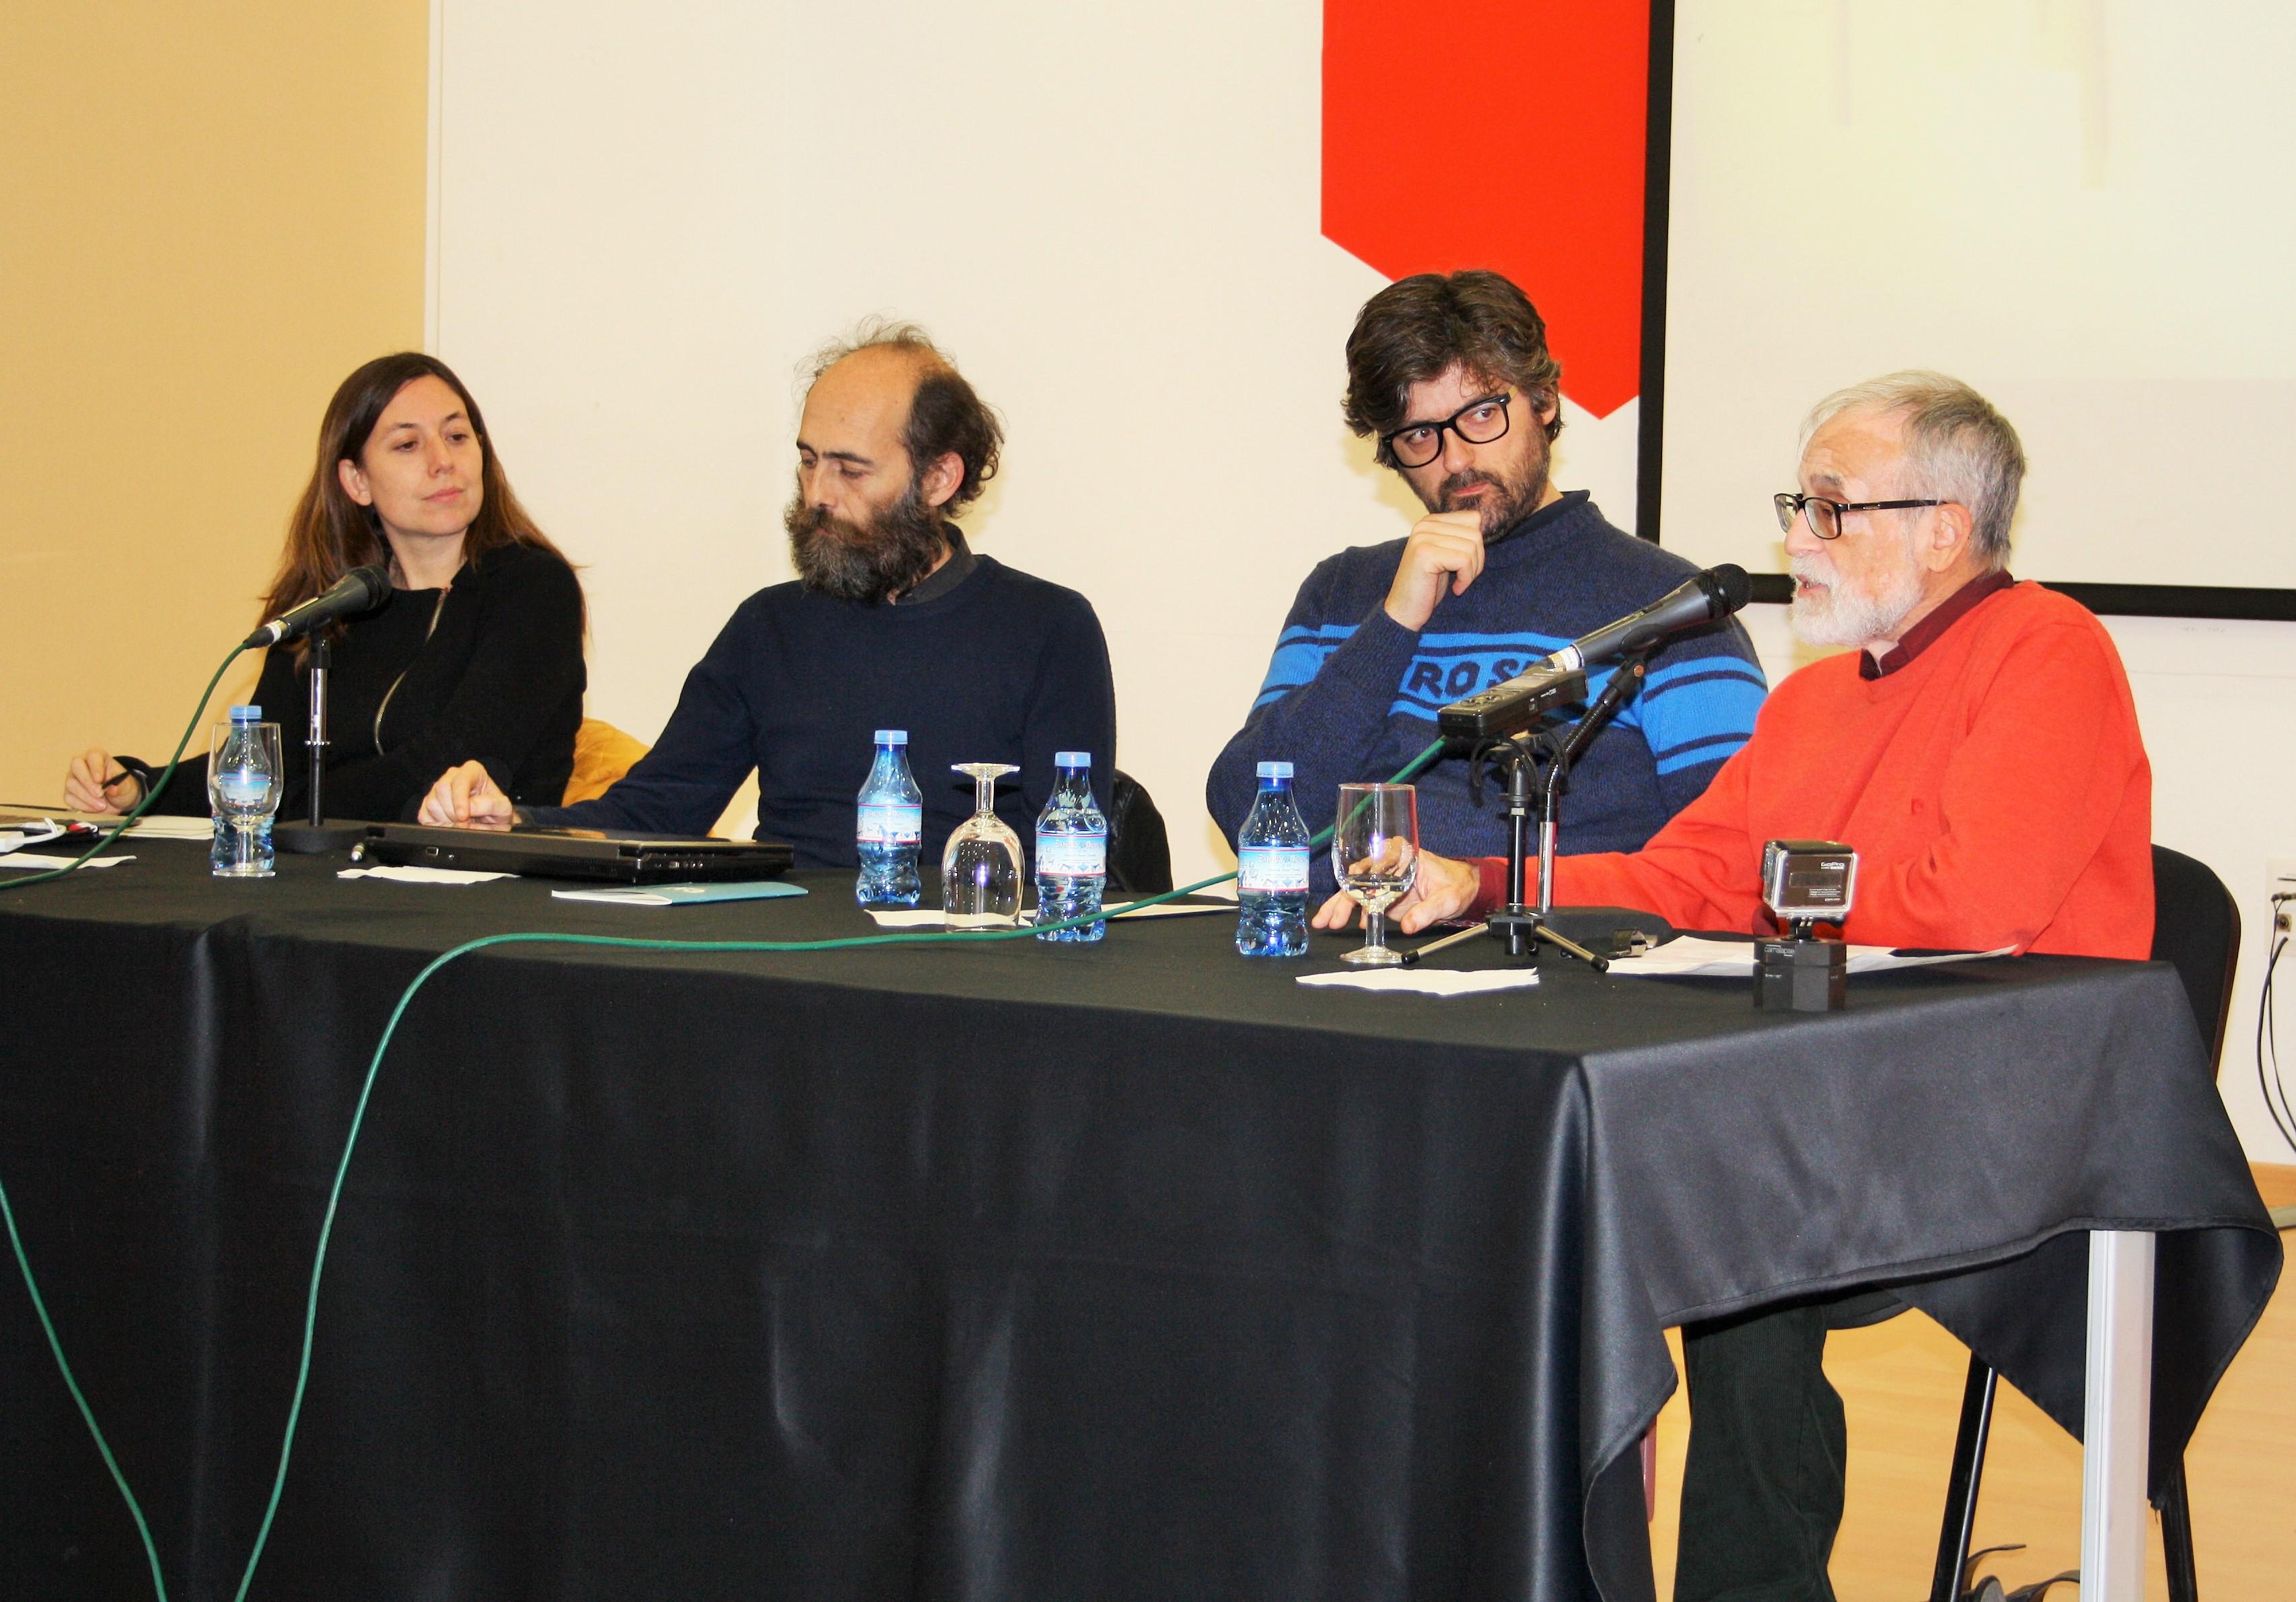 Arquitectos, activistas e investigadores se unen para  experimentar la ciudad